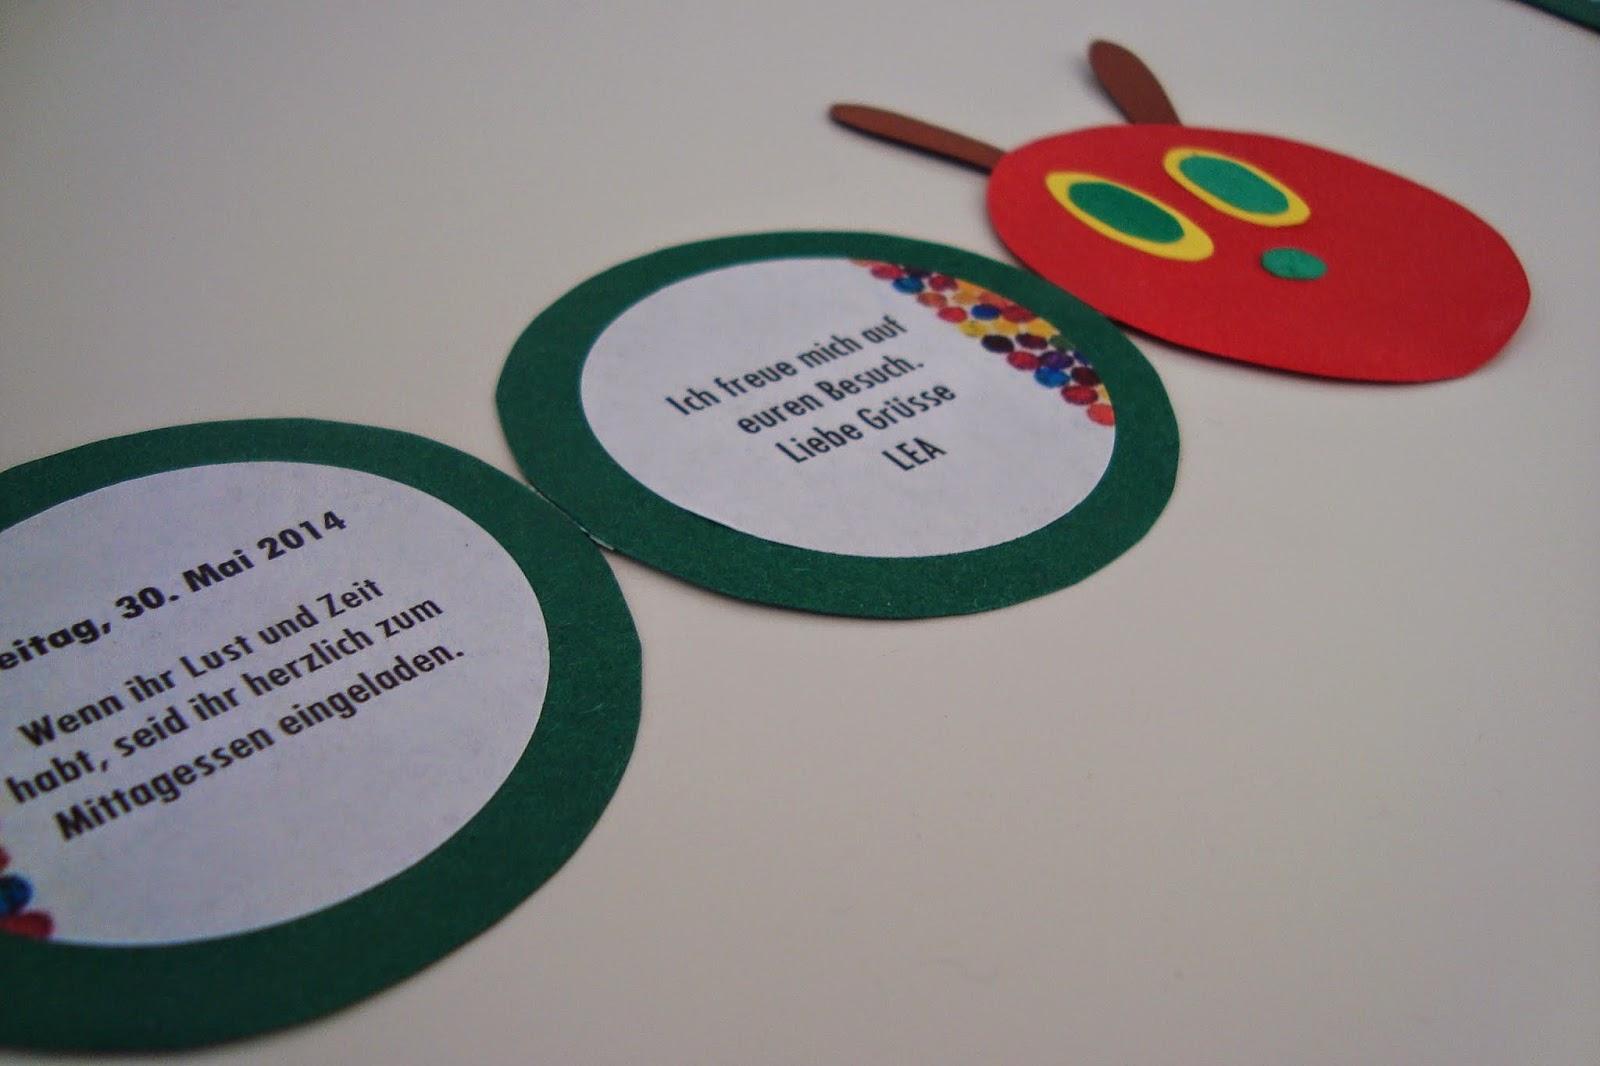 kleefalter: vorbereitungen kindergeburtstag, Einladung